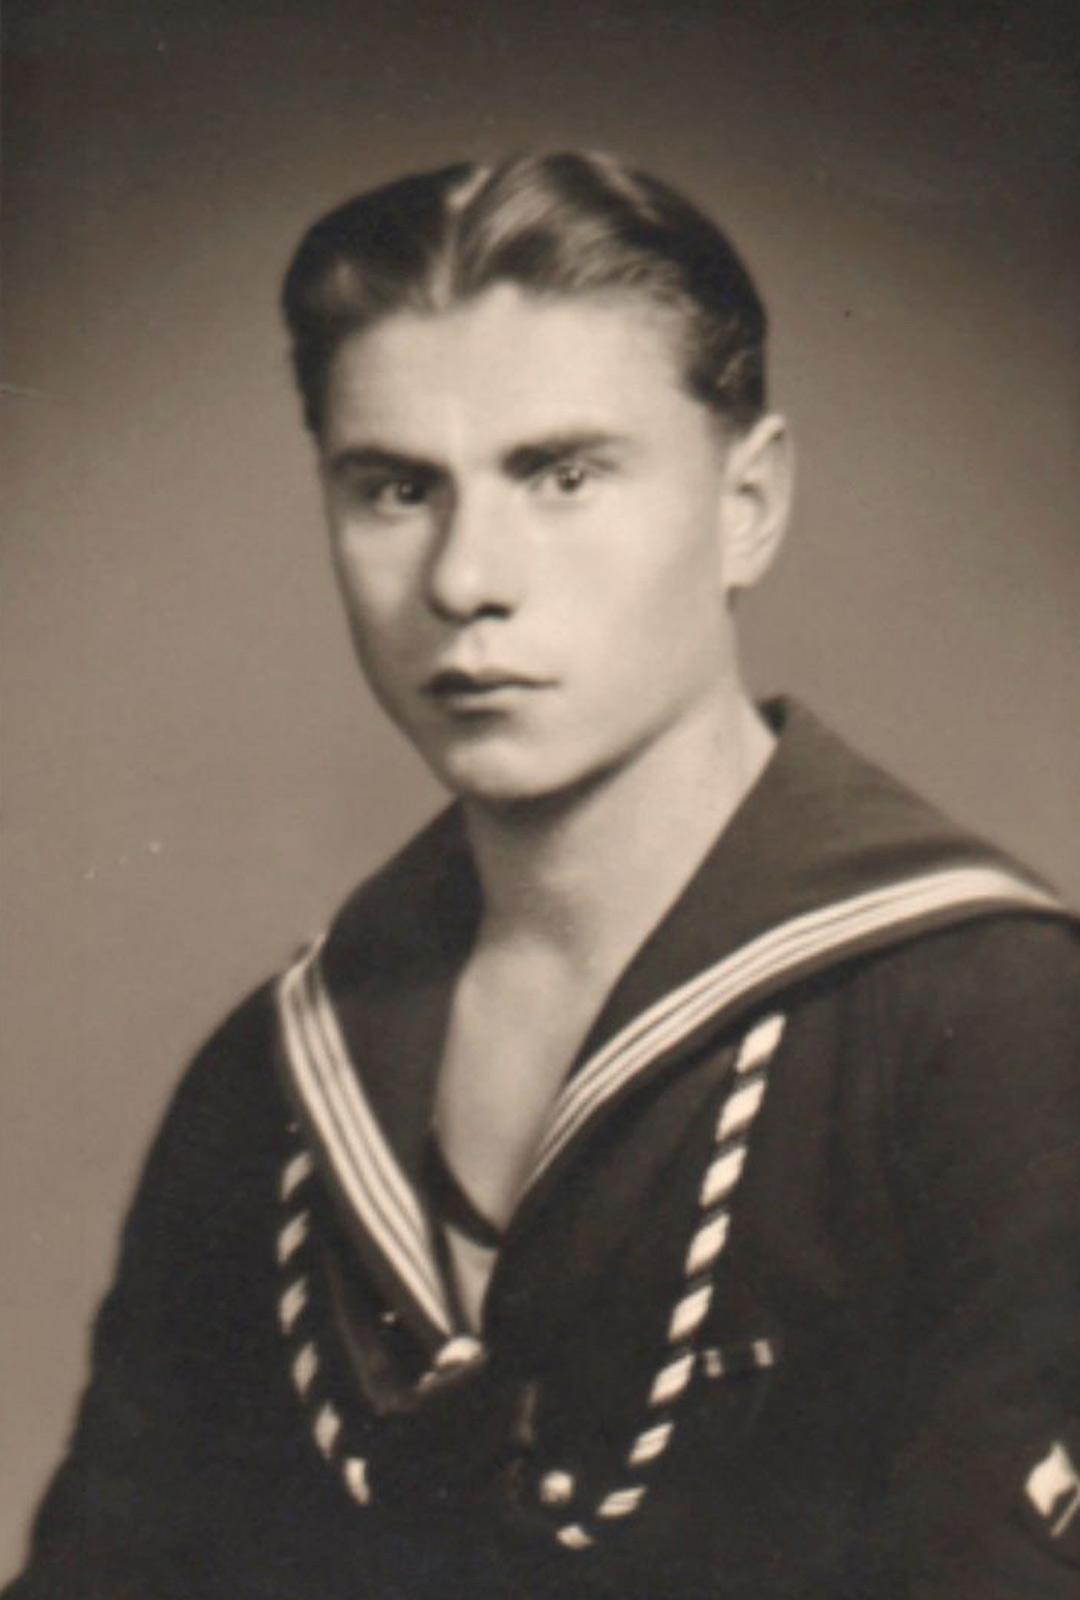 Roy äidinisä Martti Paavilainen kuului panssarilaiva Ilmarisen miehistöön, mutta ei onneksi ollut aluksessa sen tuhoutuessa 1941.